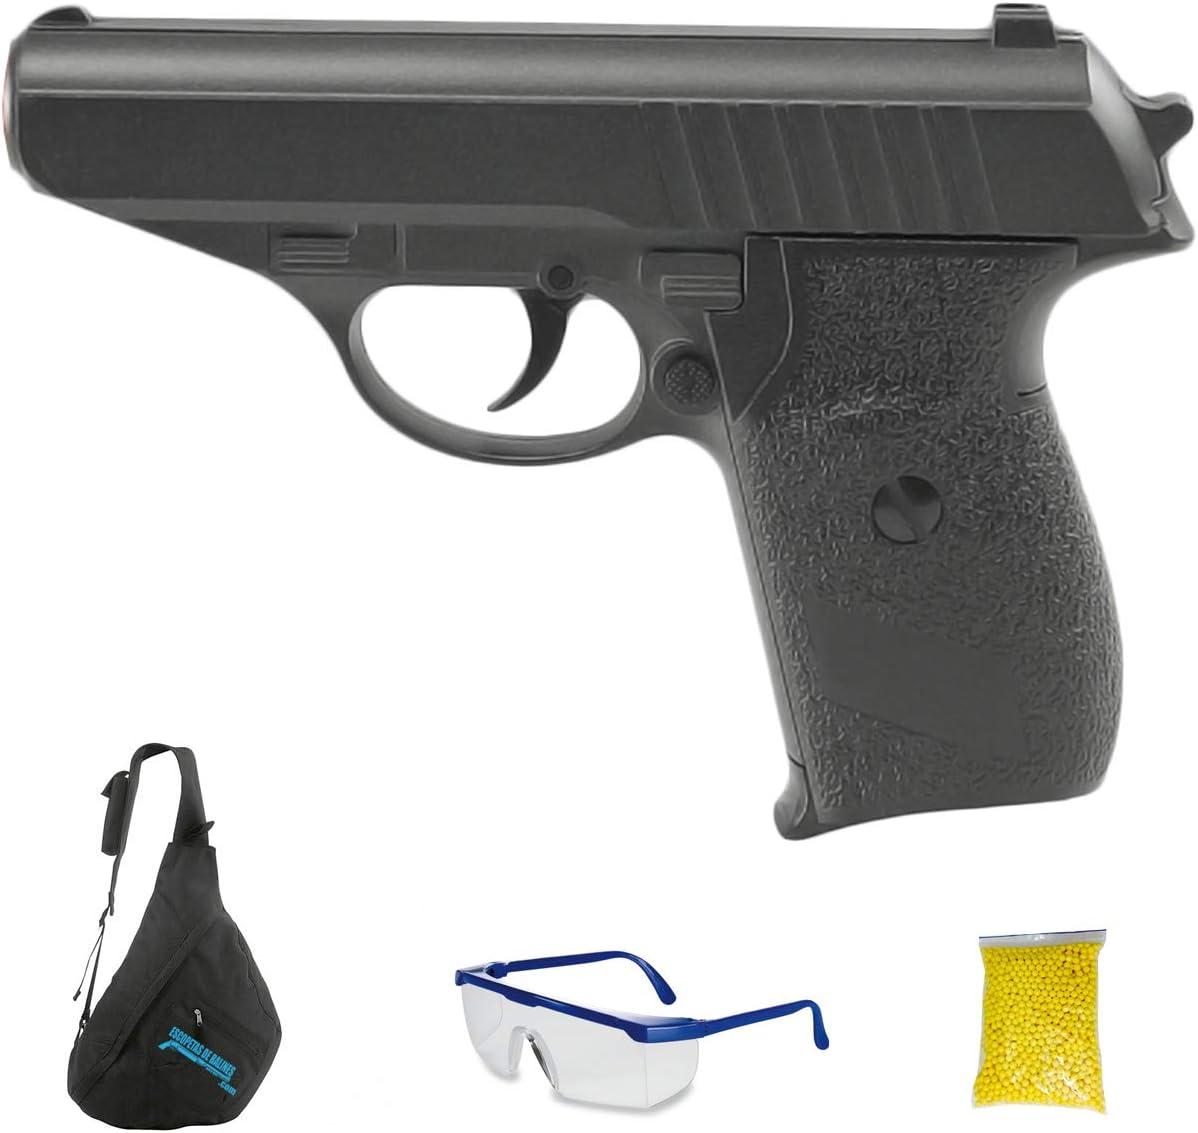 Galaxy G3 (6mm - Pistola de Airsoft Calibre 6mm (Arma Aire Suave de Bolas de plástico o PVC). Sistema: Muelle. <3,5J